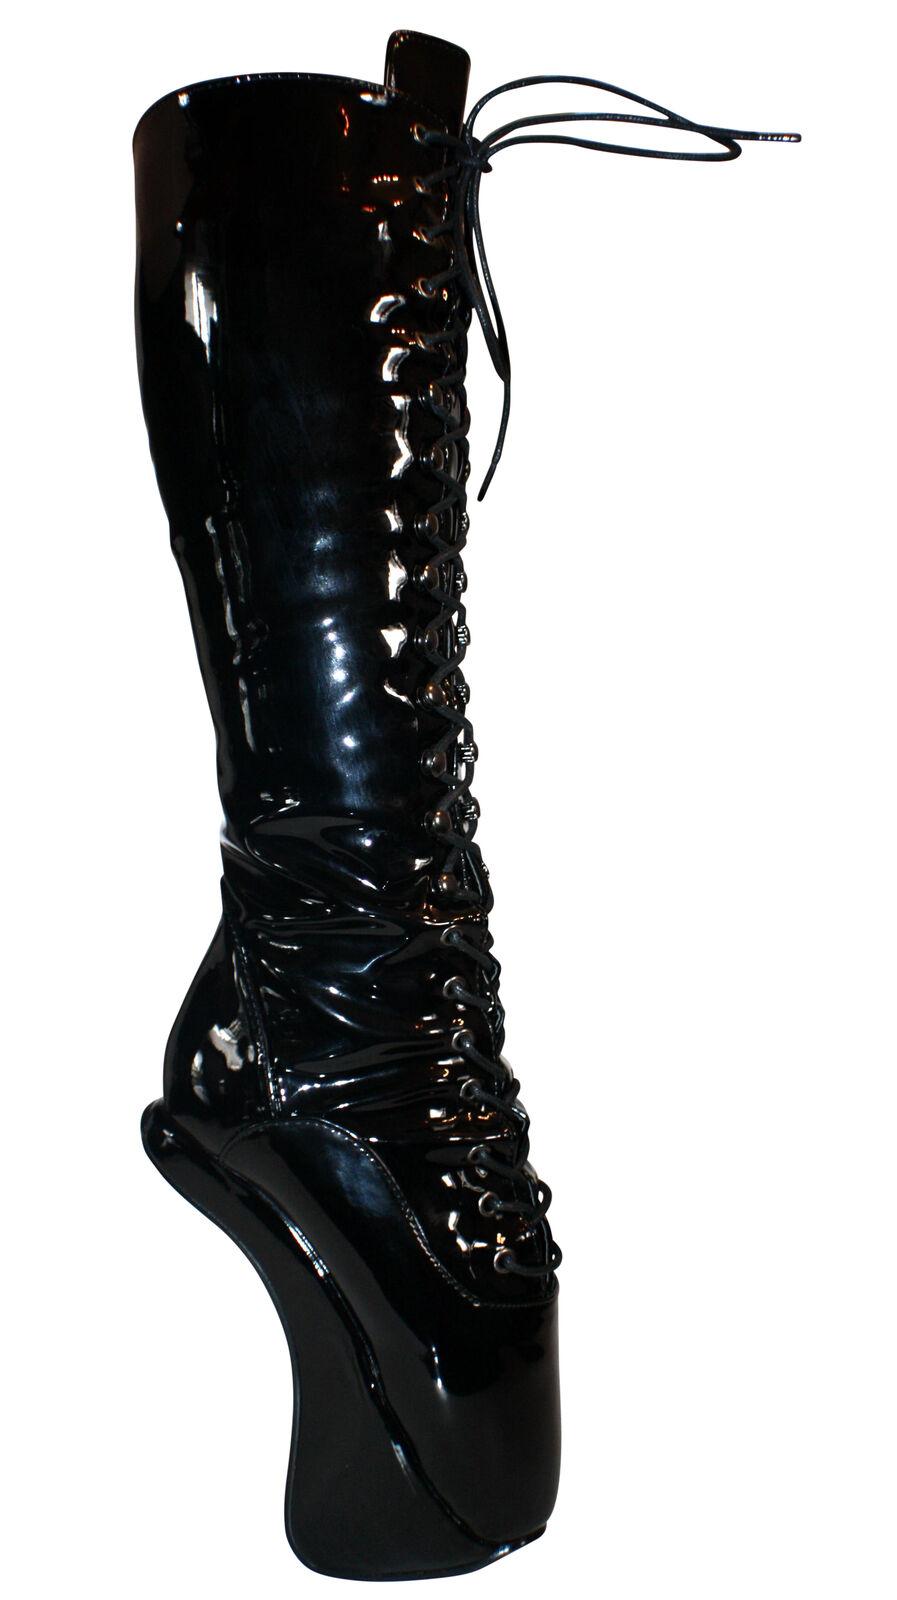 Extreme Ballett Heels Wedge High Heels Ballett Kniestiefel Stiefel Schwarz Lack Gr.37-46 #6529 ab9901